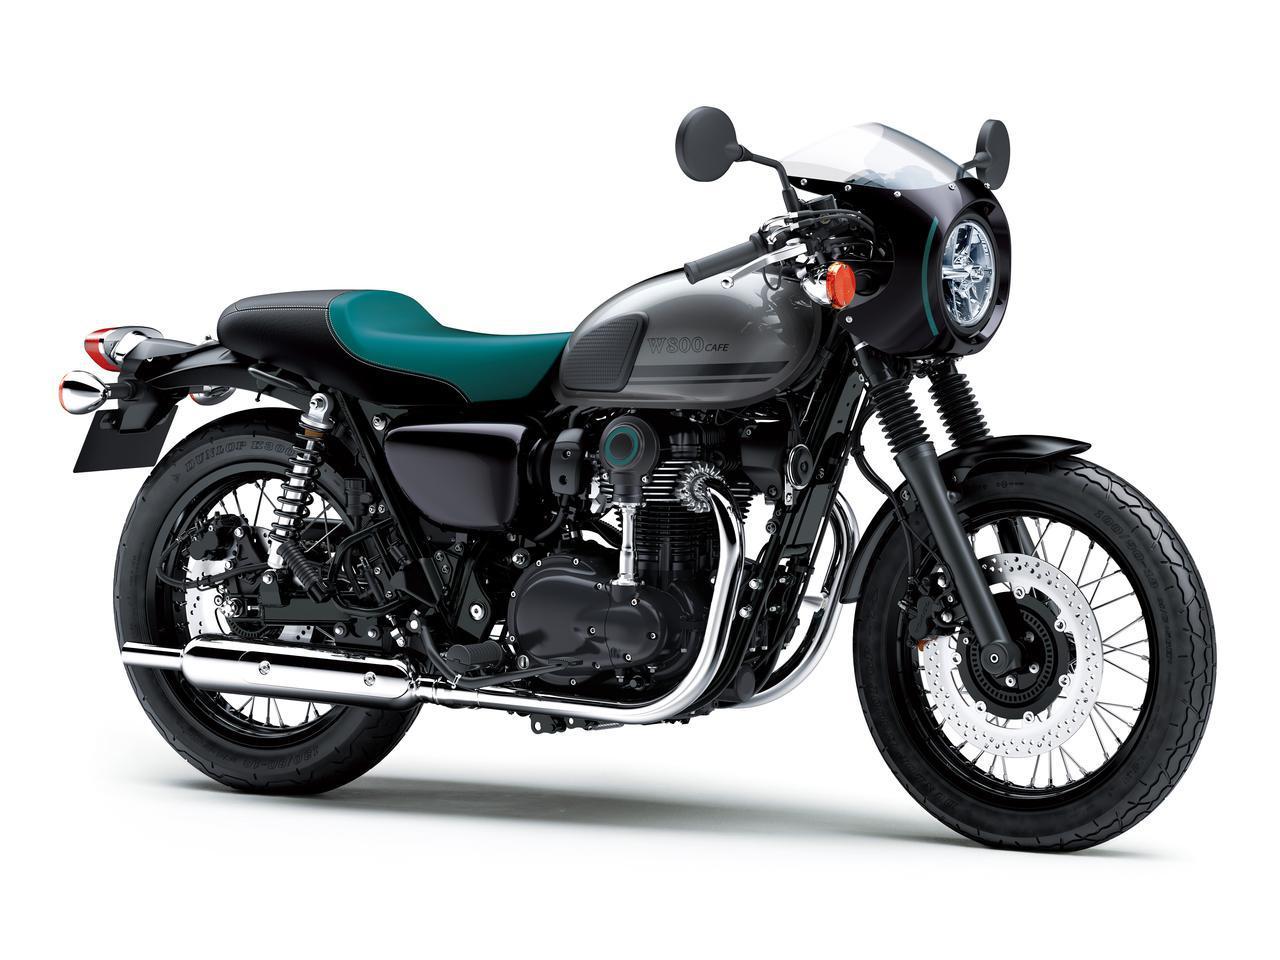 画像13: カワサキが「W800」シリーズの2021年モデルを発売! W800/W800ストリート/W800カフェの新色をチェック!